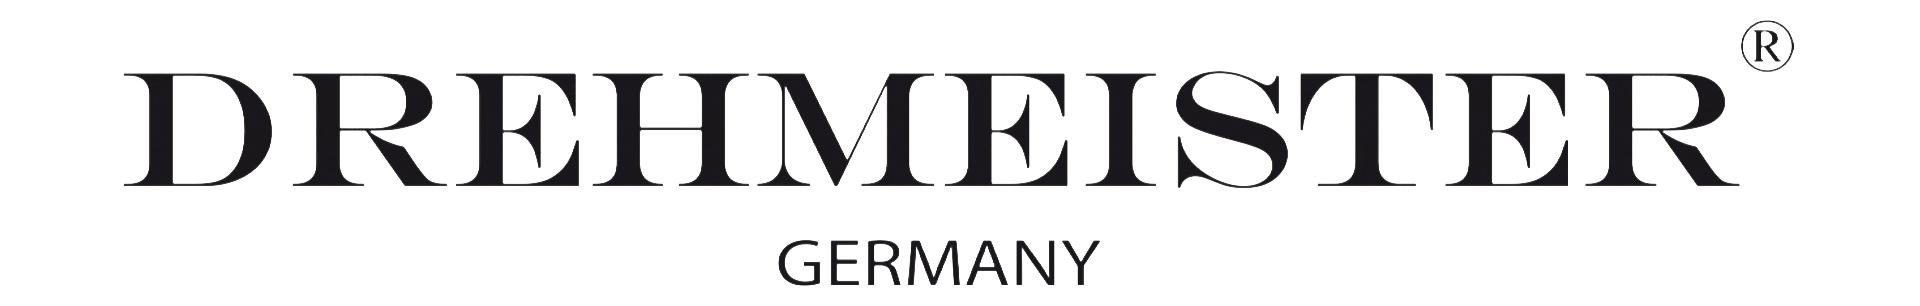 DREHMEISTER Germany Logo